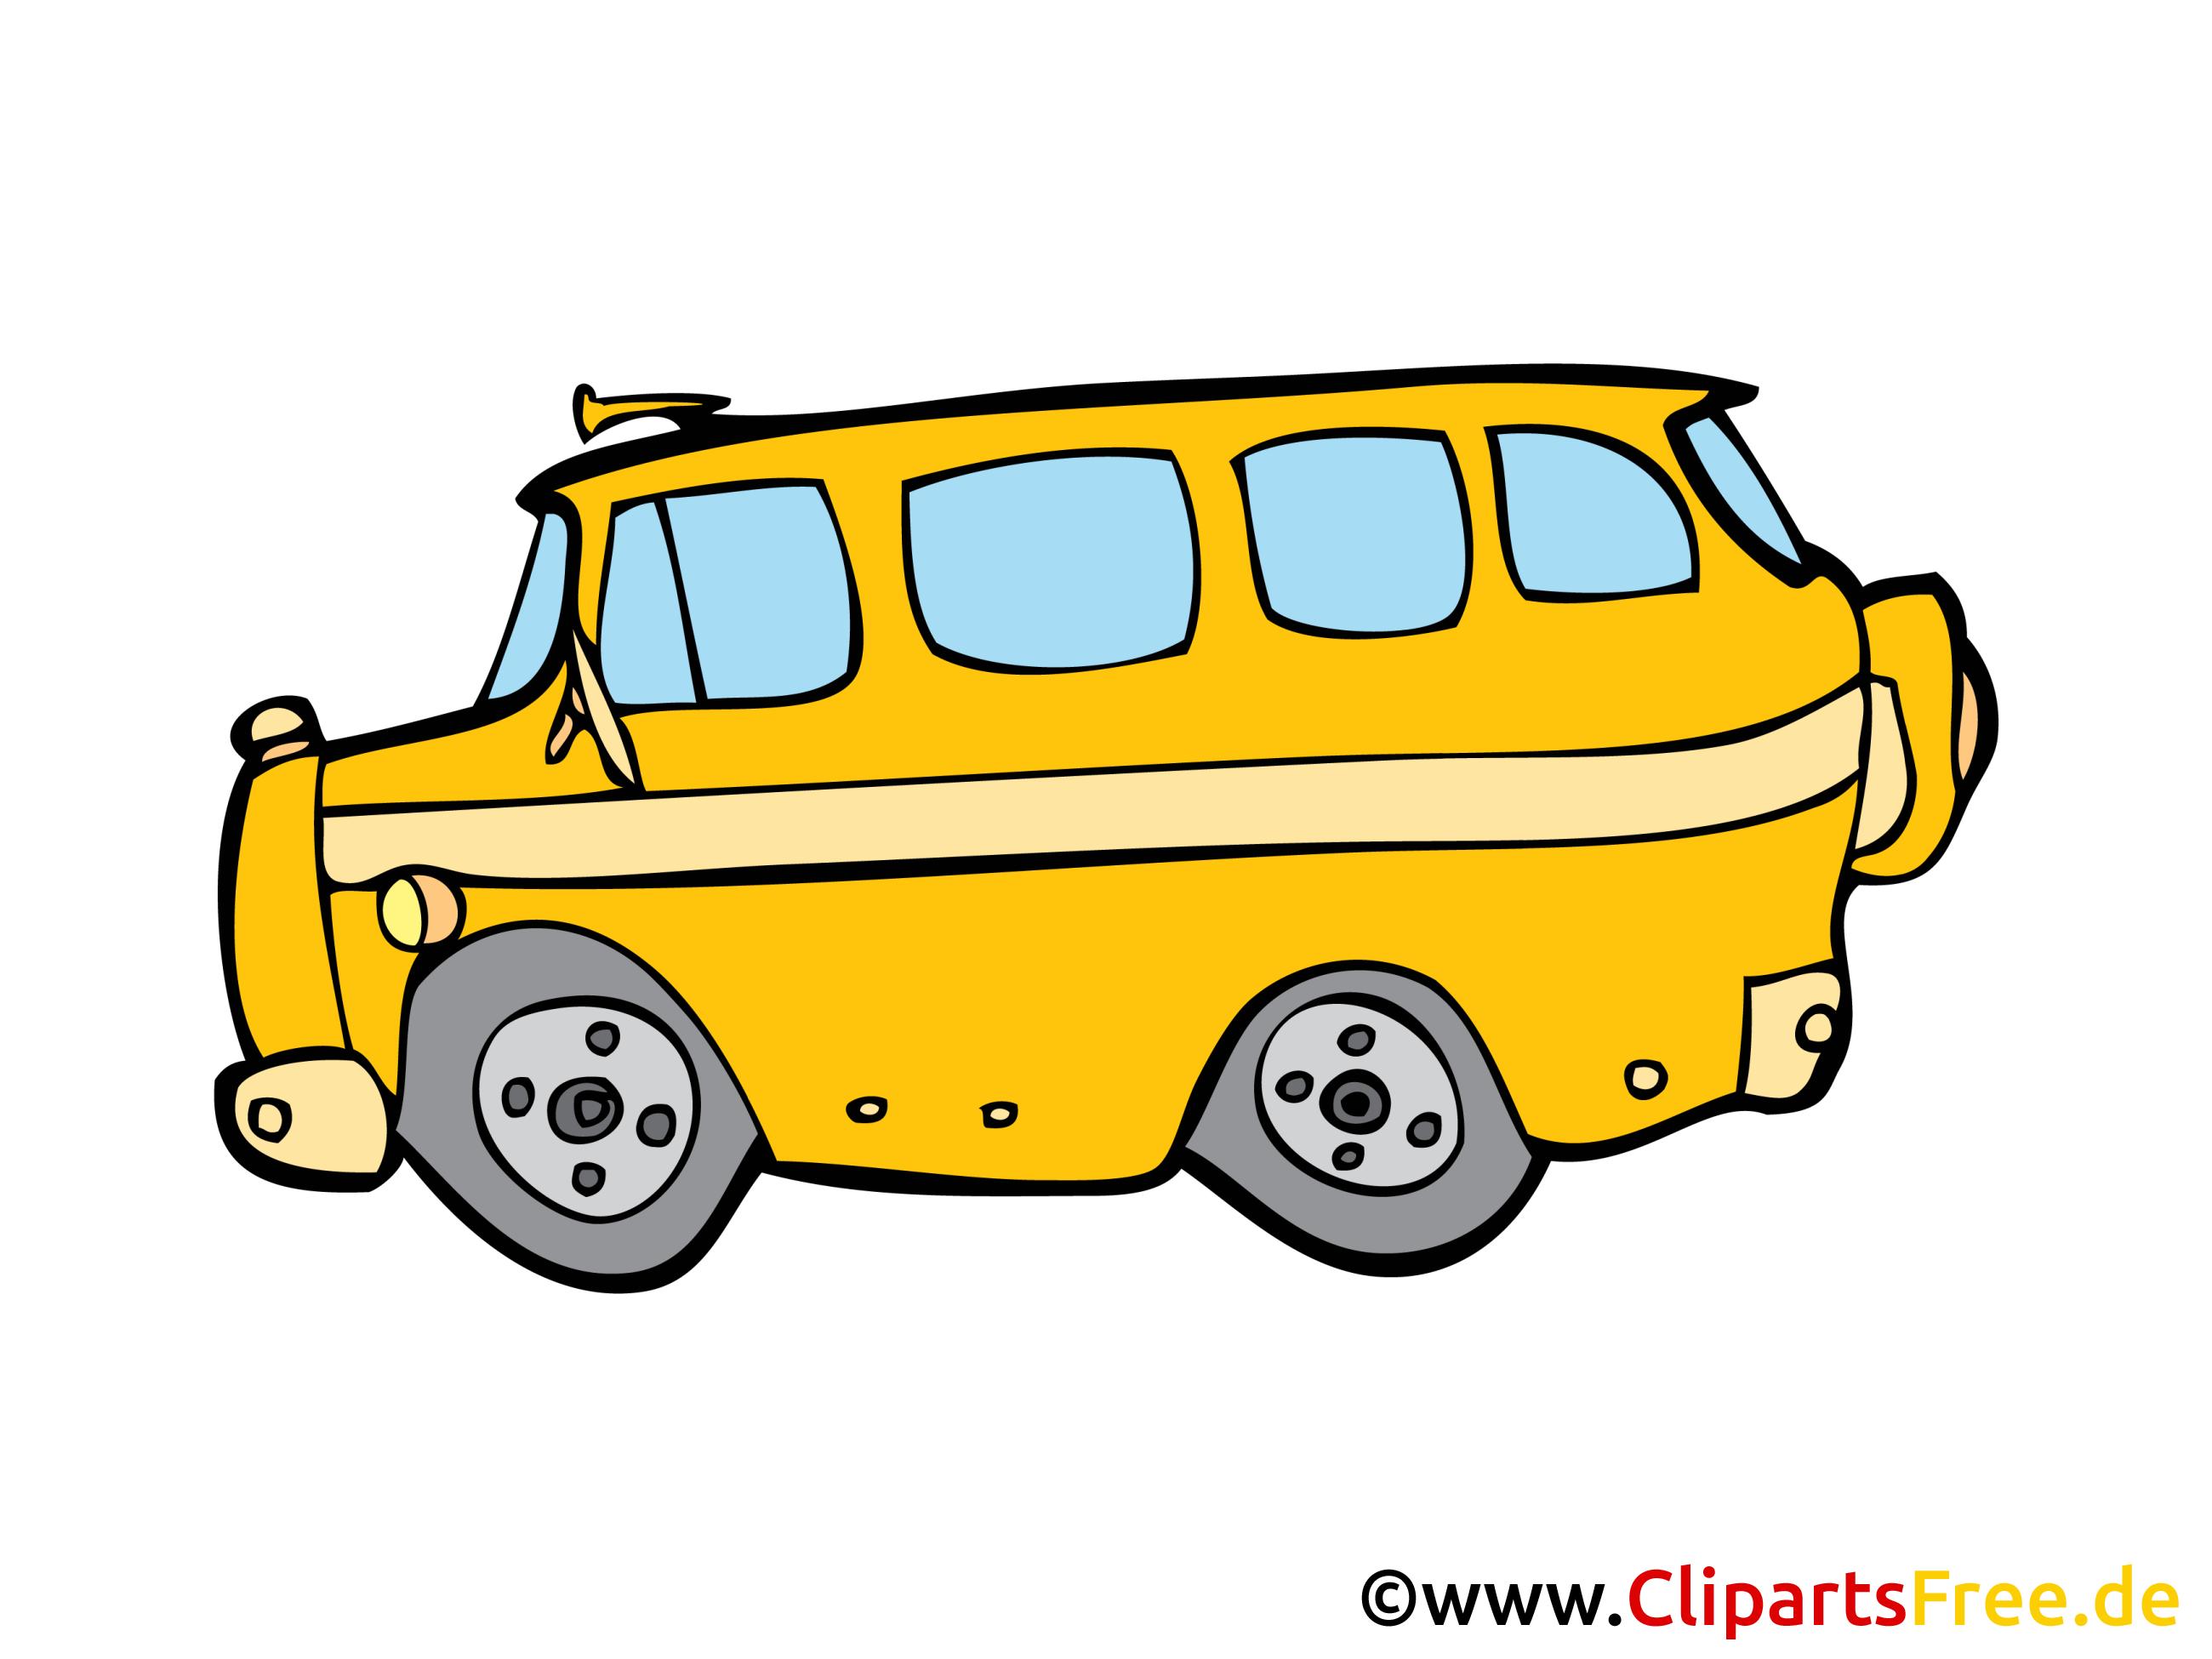 Bus scolaire images - Voiture clip art gratuit